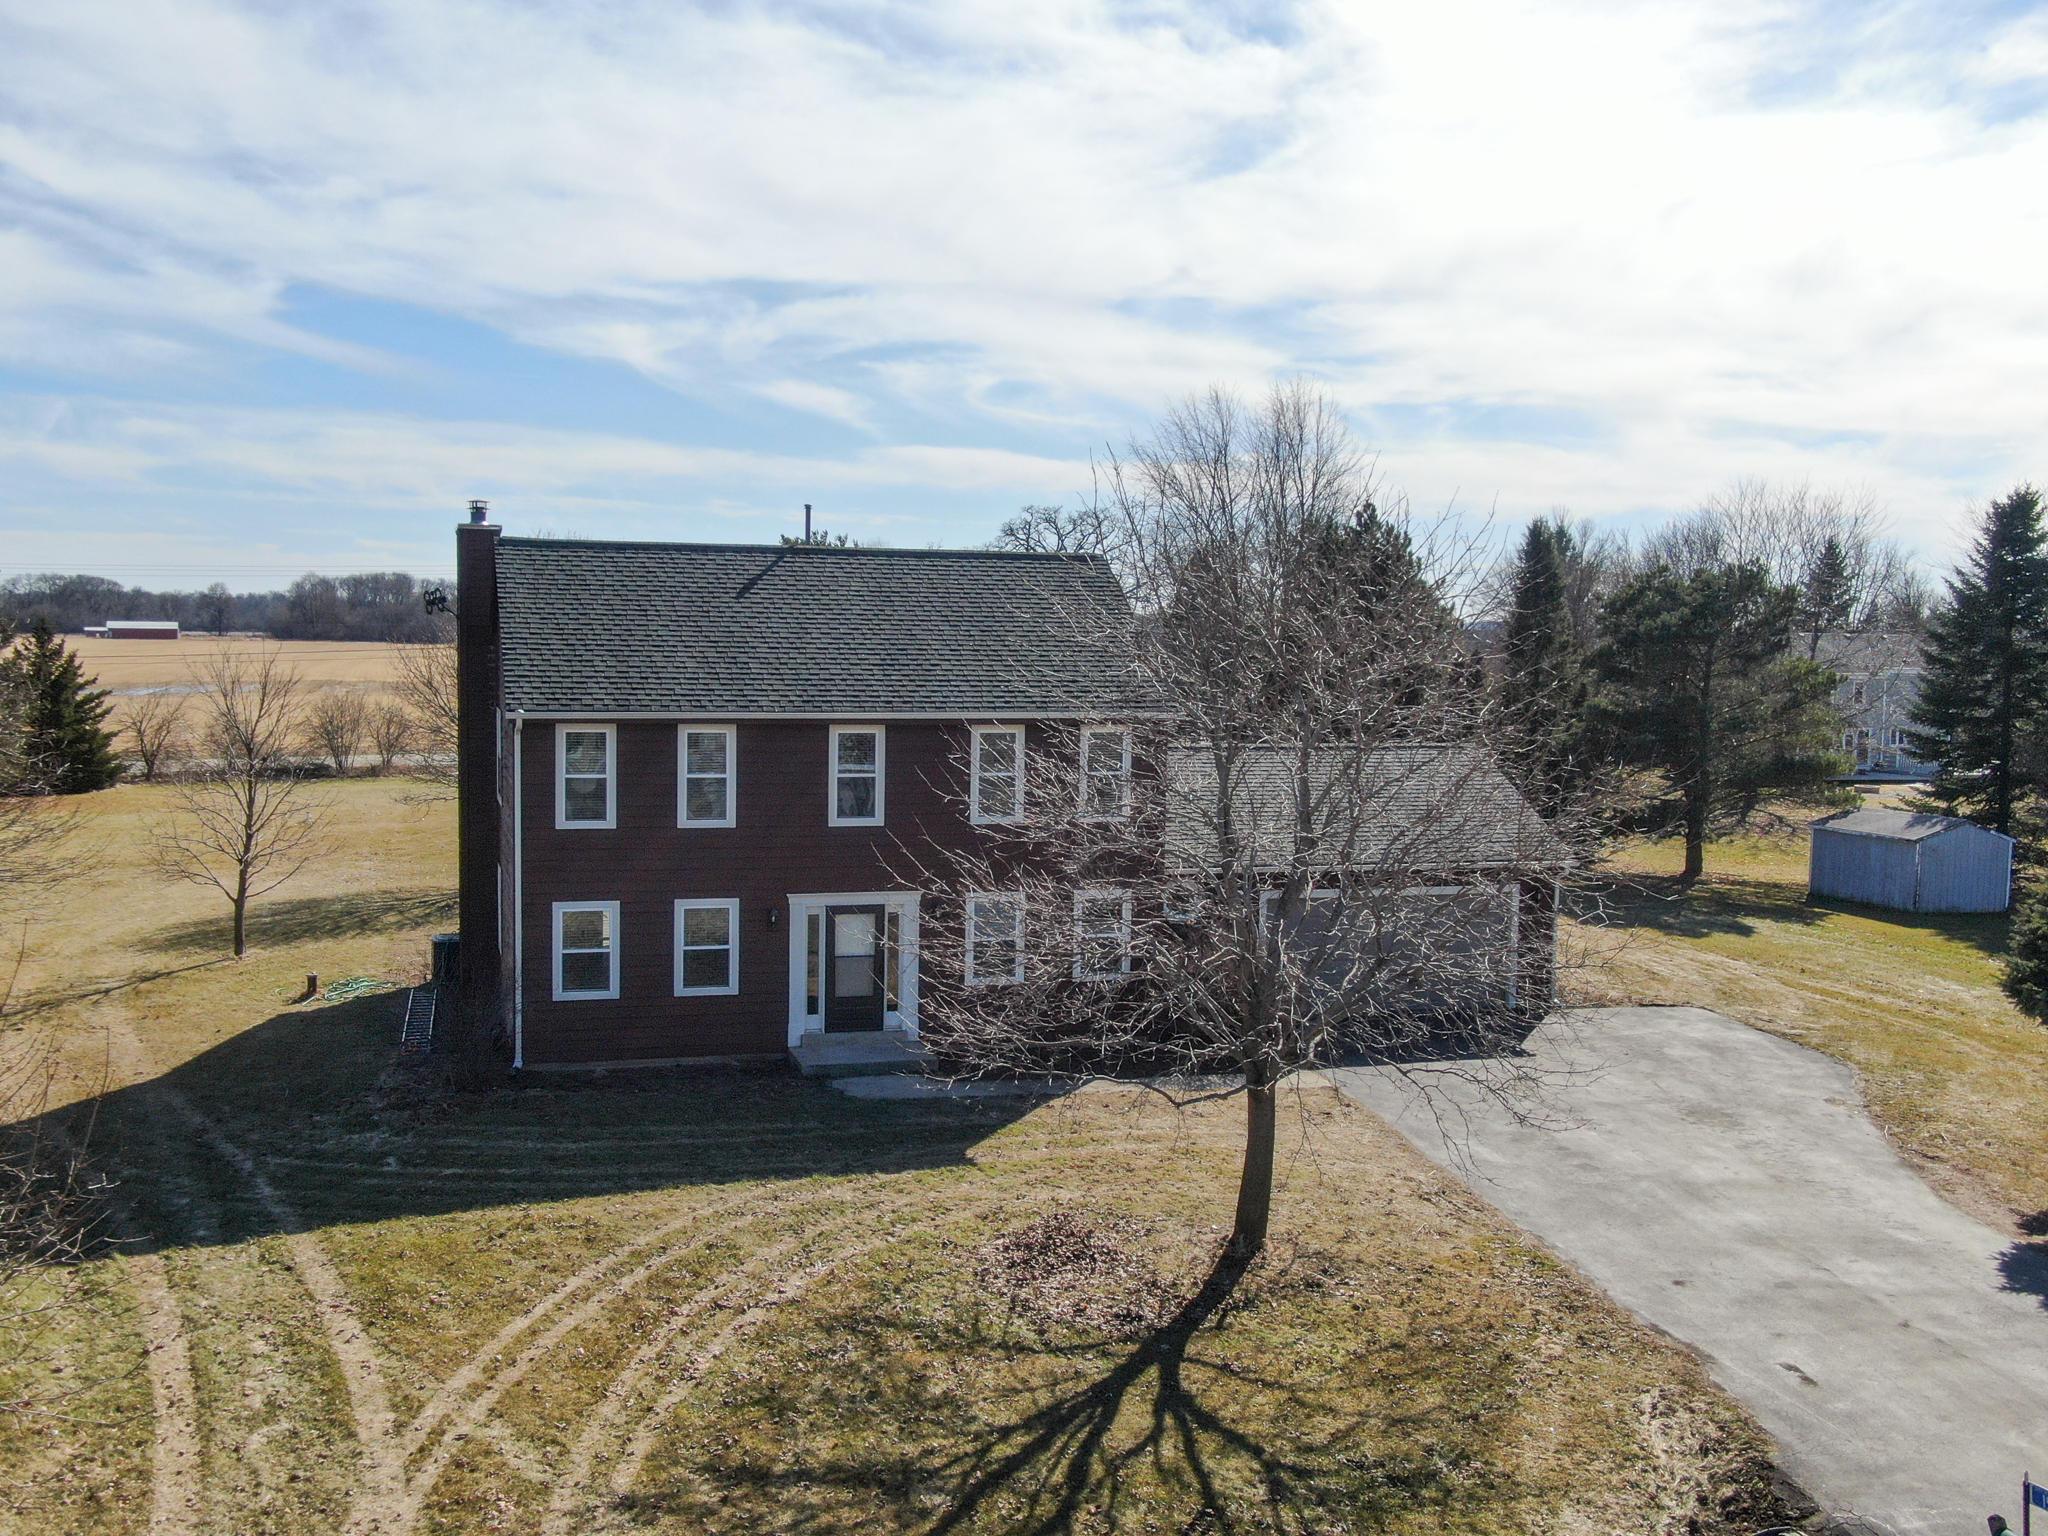 1524 Westfield Ct, Oconomowoc, Wisconsin 53066, 4 Bedrooms Bedrooms, 10 Rooms Rooms,2 BathroomsBathrooms,Single-Family,For Sale,Westfield Ct,1681140